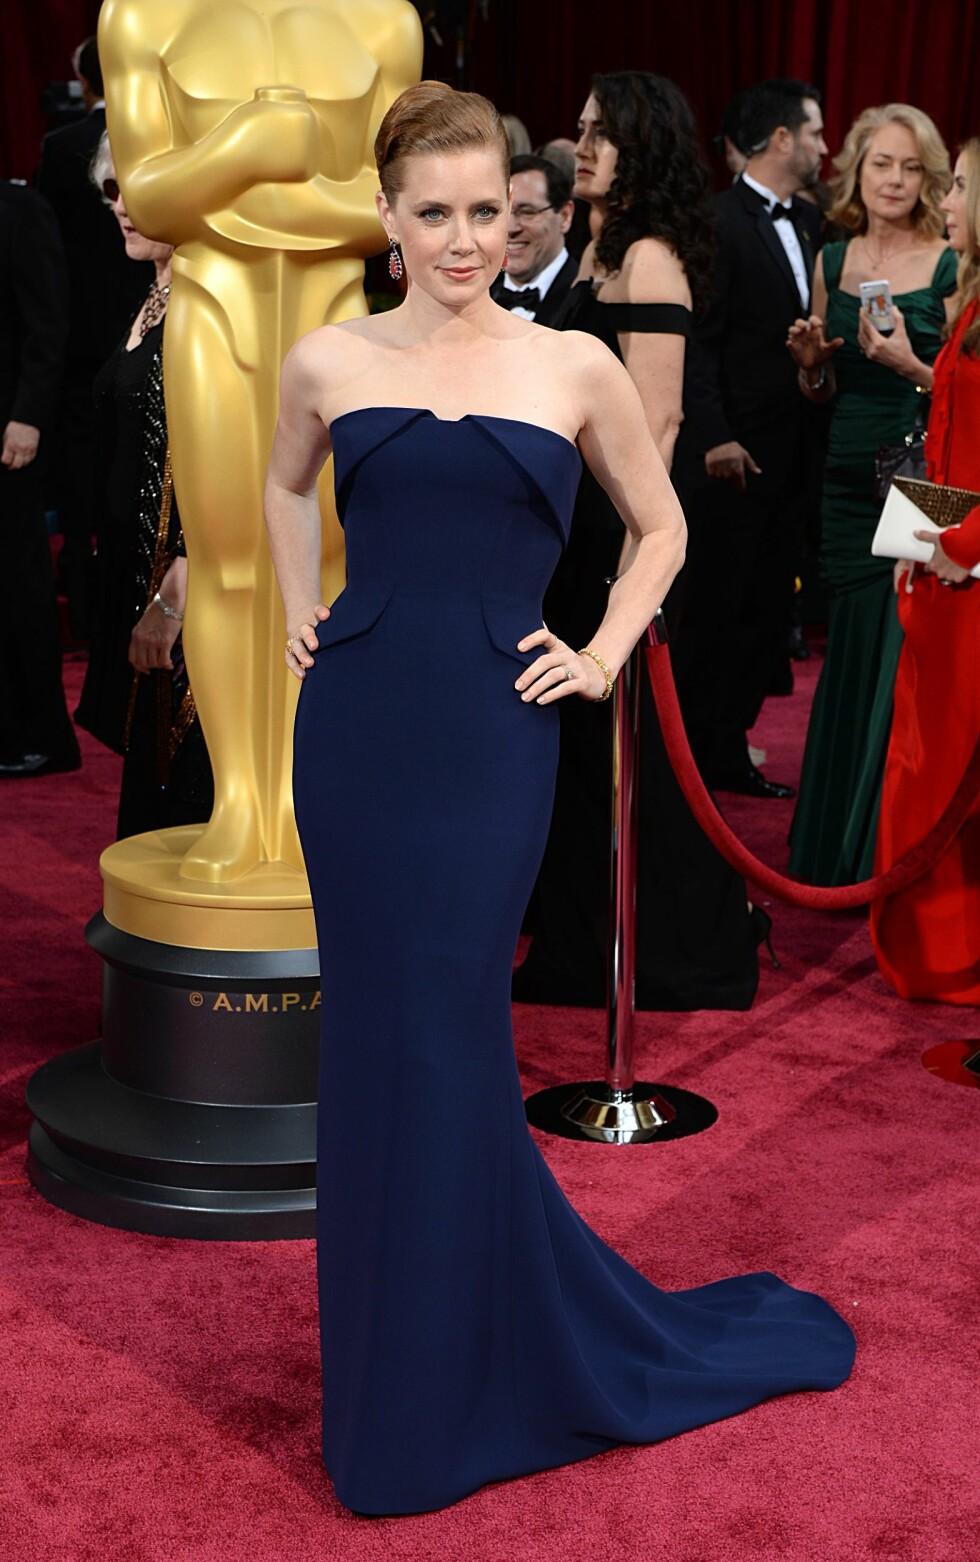 Amy Adams i kjole fra Gucci Première og smykker fra Tiffany & Co.  Foto: All Over Press